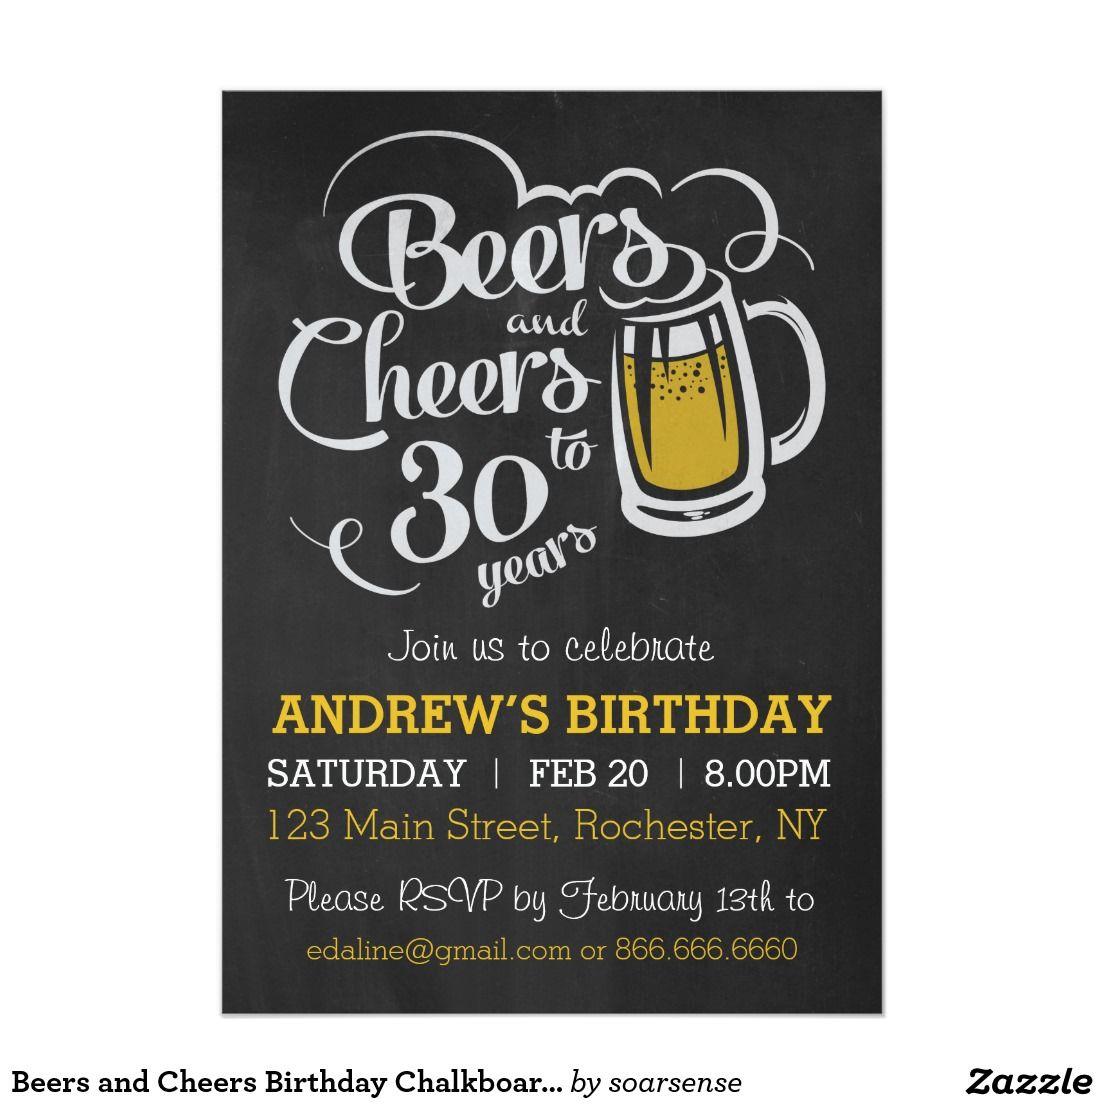 Beers And Cheers Birthday Chalkboard Invitation  Chalkboard